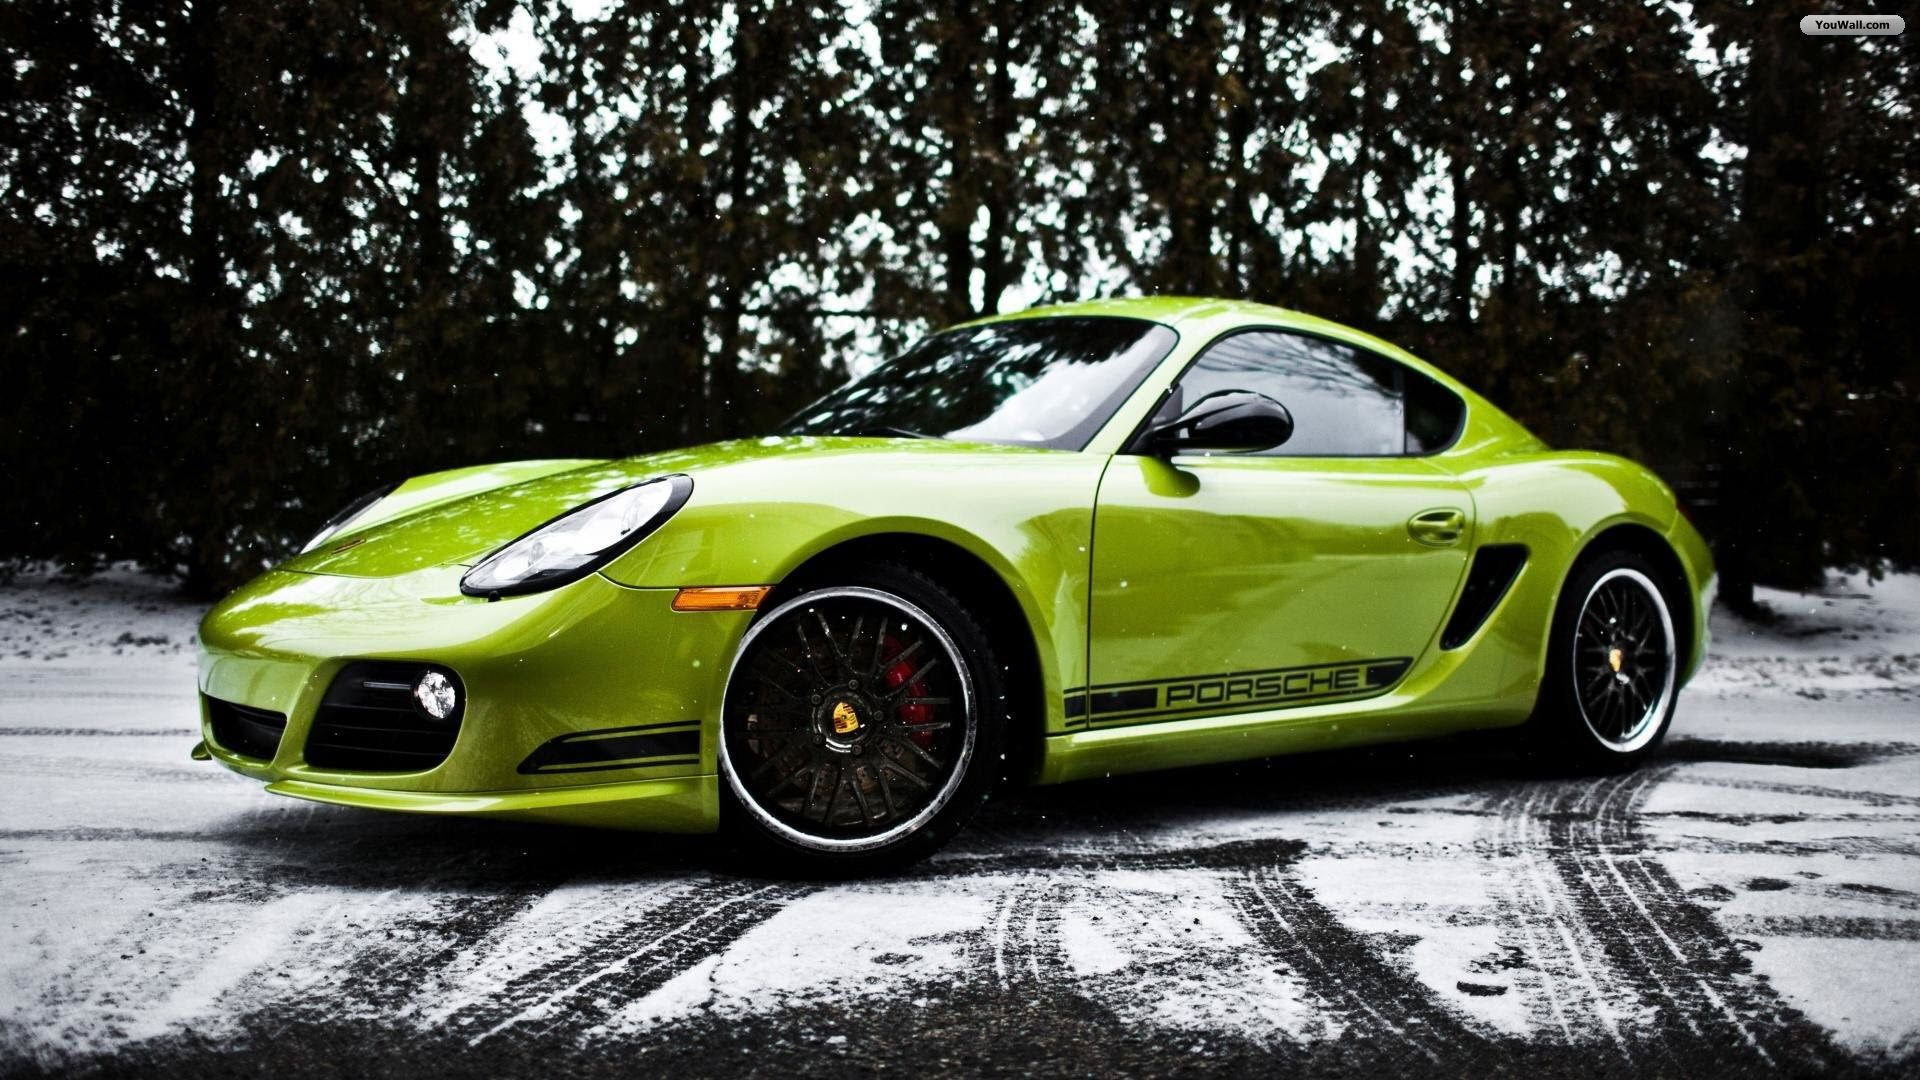 Green Porsche Cayman Wallpapers Porsche Cayman R Cayman Car Porsche